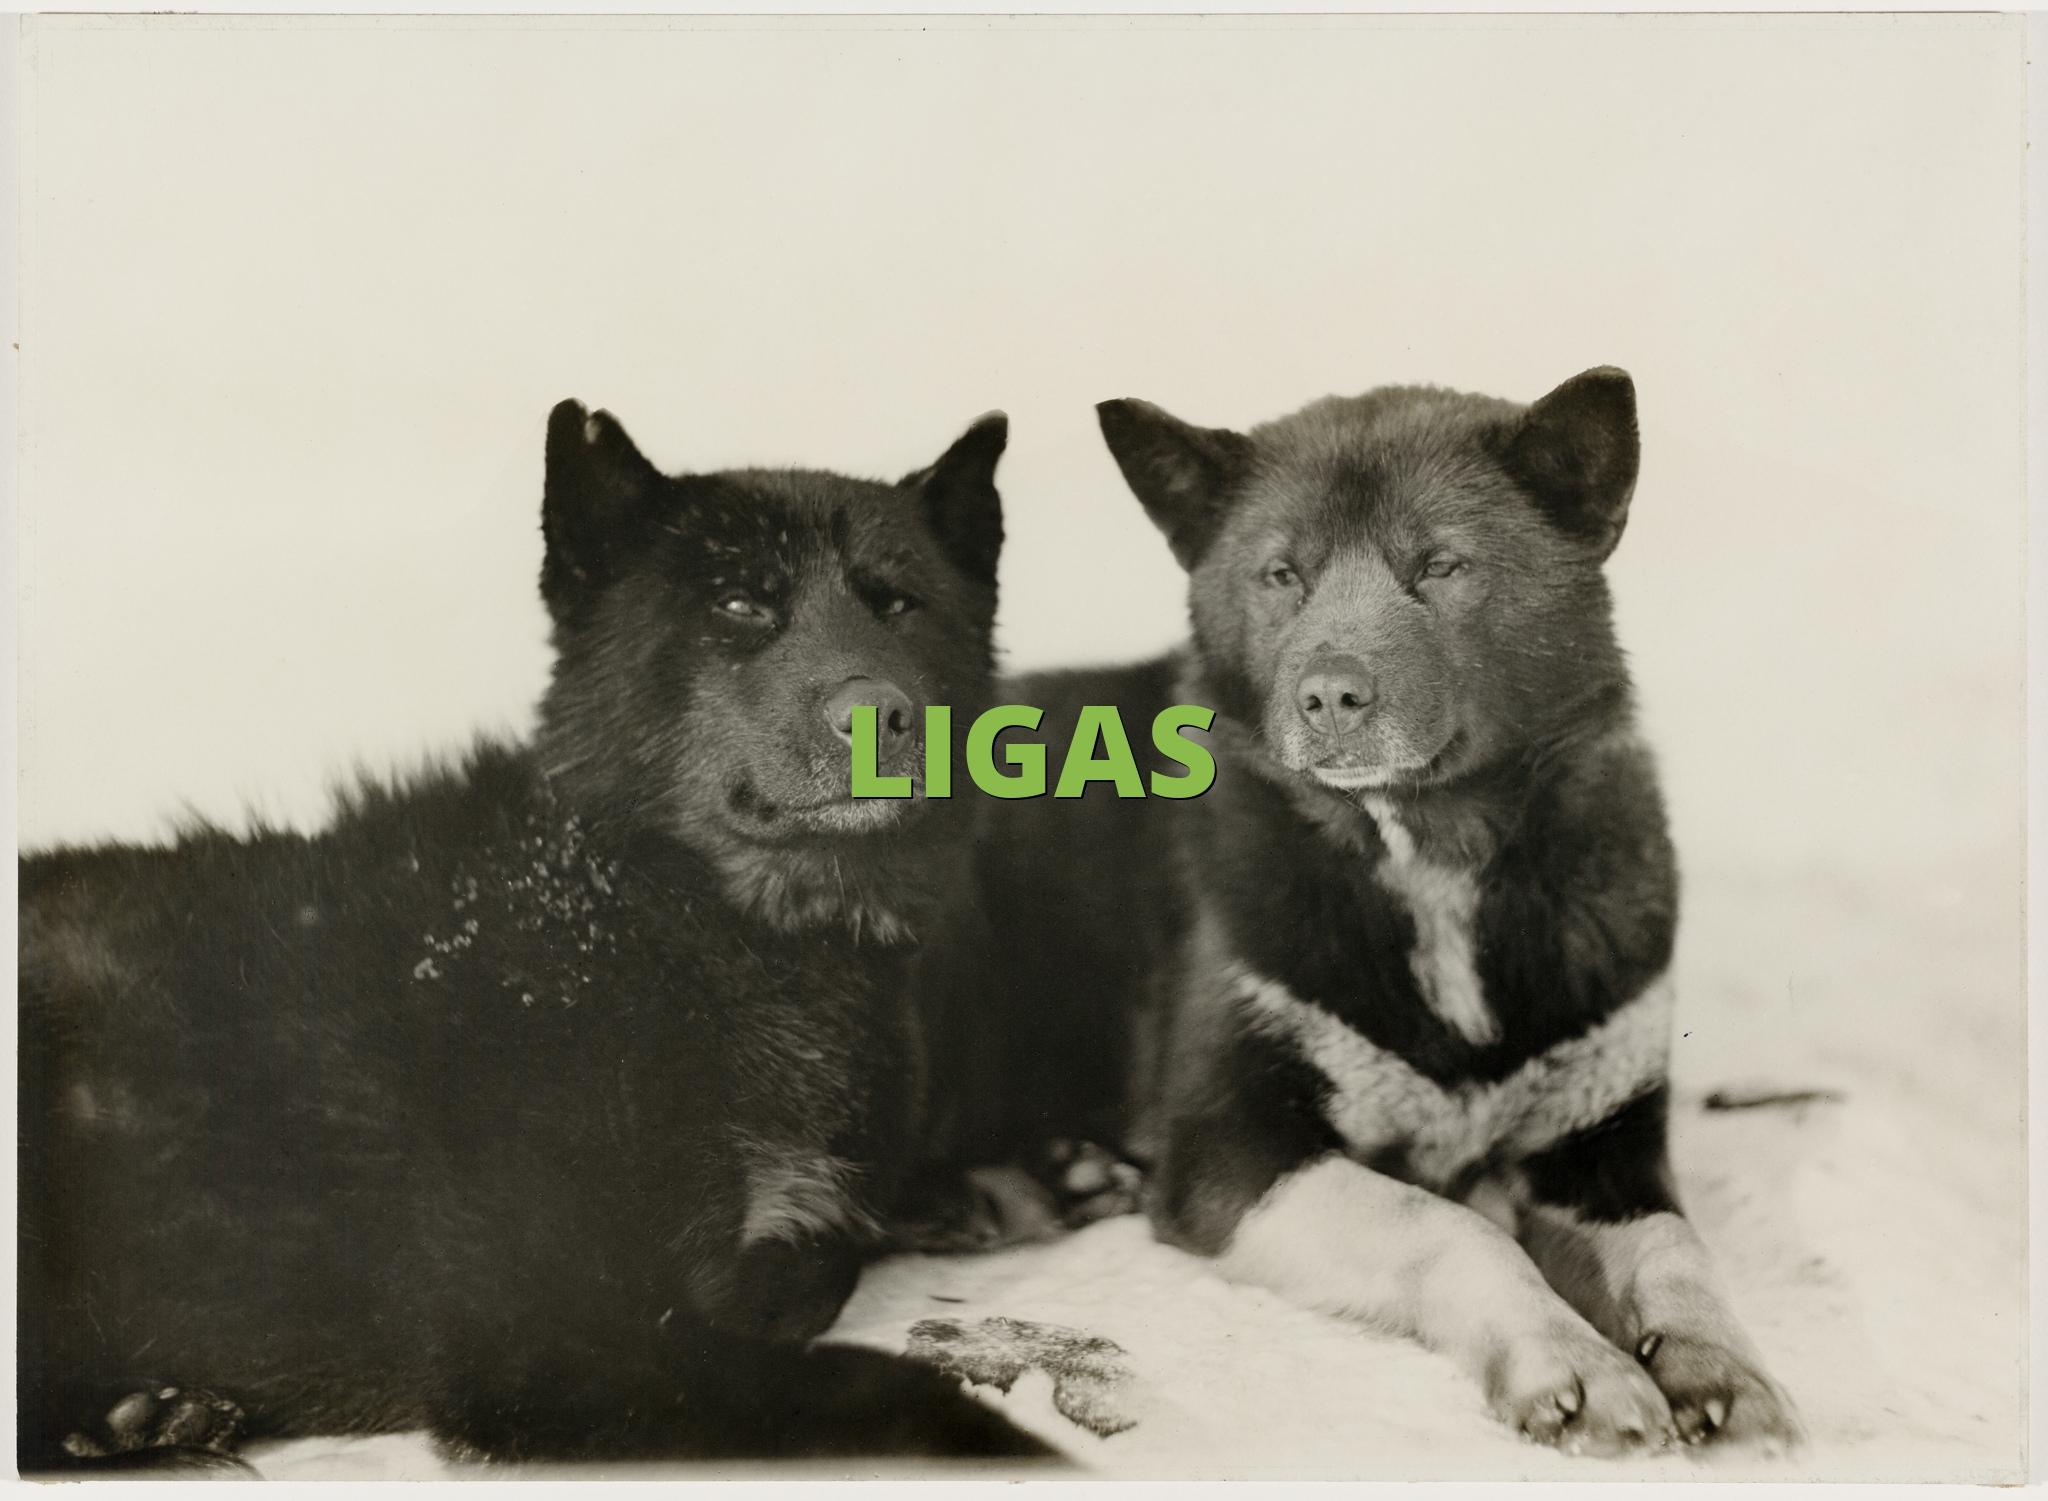 LIGAS